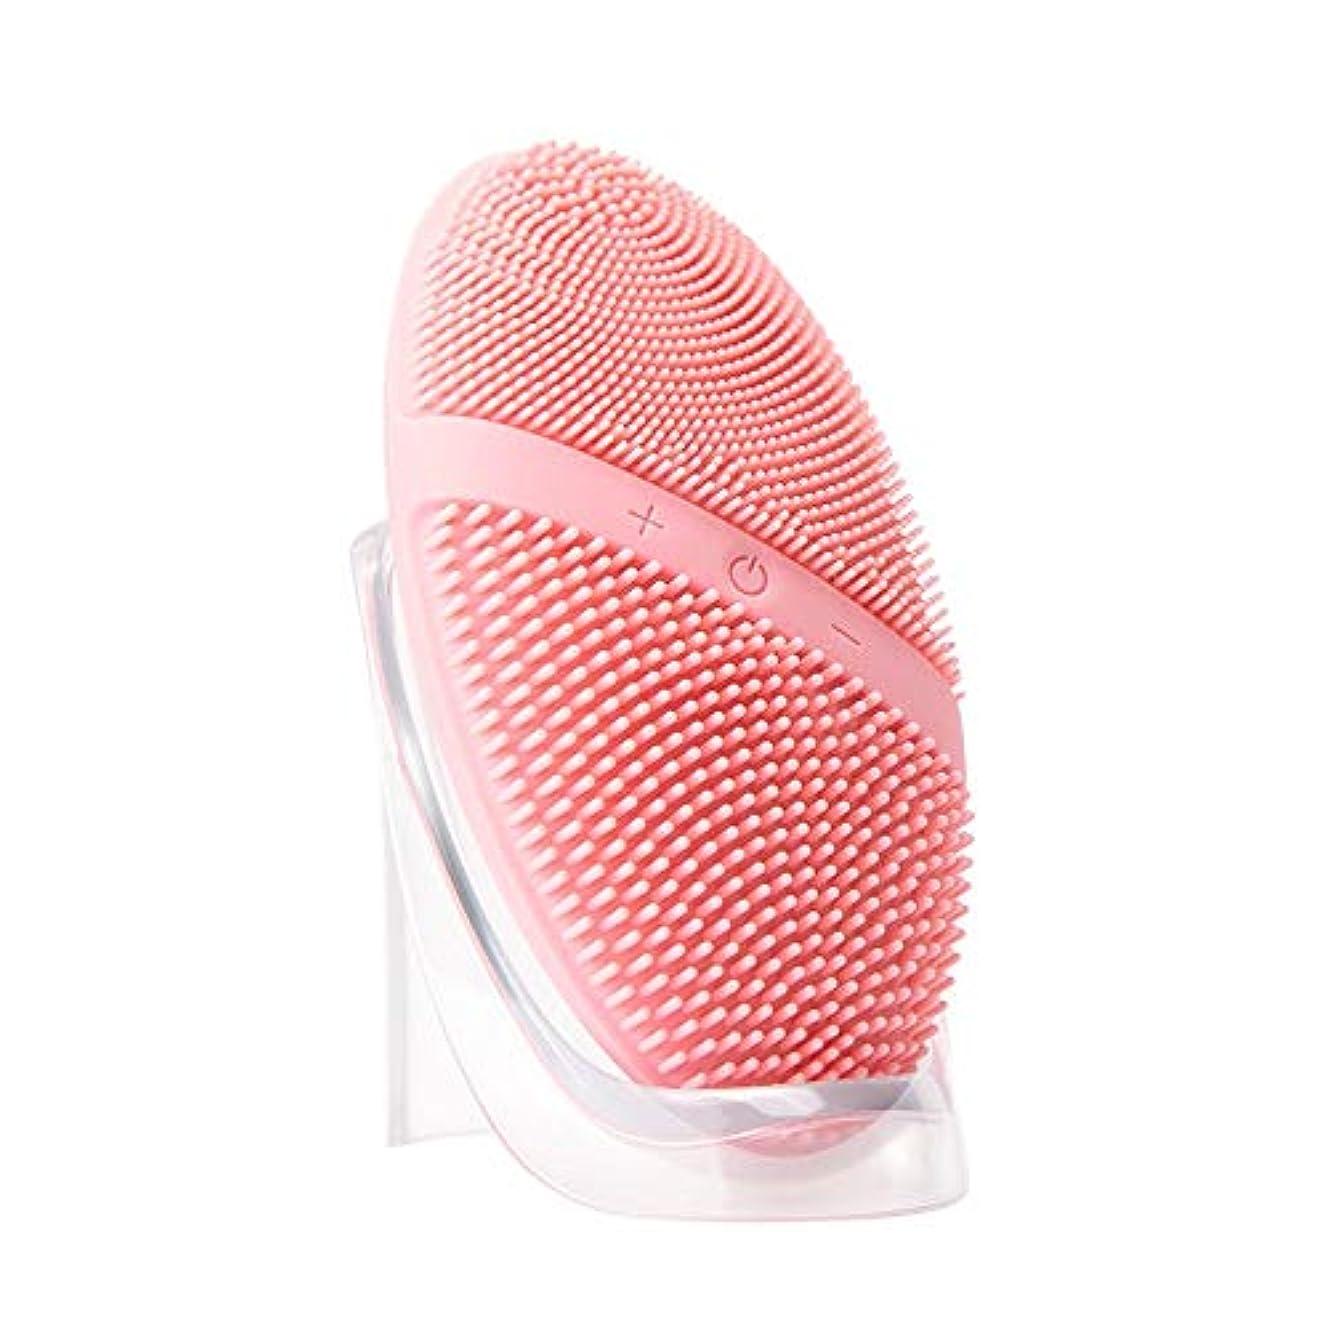 アコード最高生態学ZXF 新電気シリコーンクレンジングブラシ防水超音波振動クレンジング楽器深い洗浄毛穴洗浄器具マッサージ器具美容器具 滑らかである